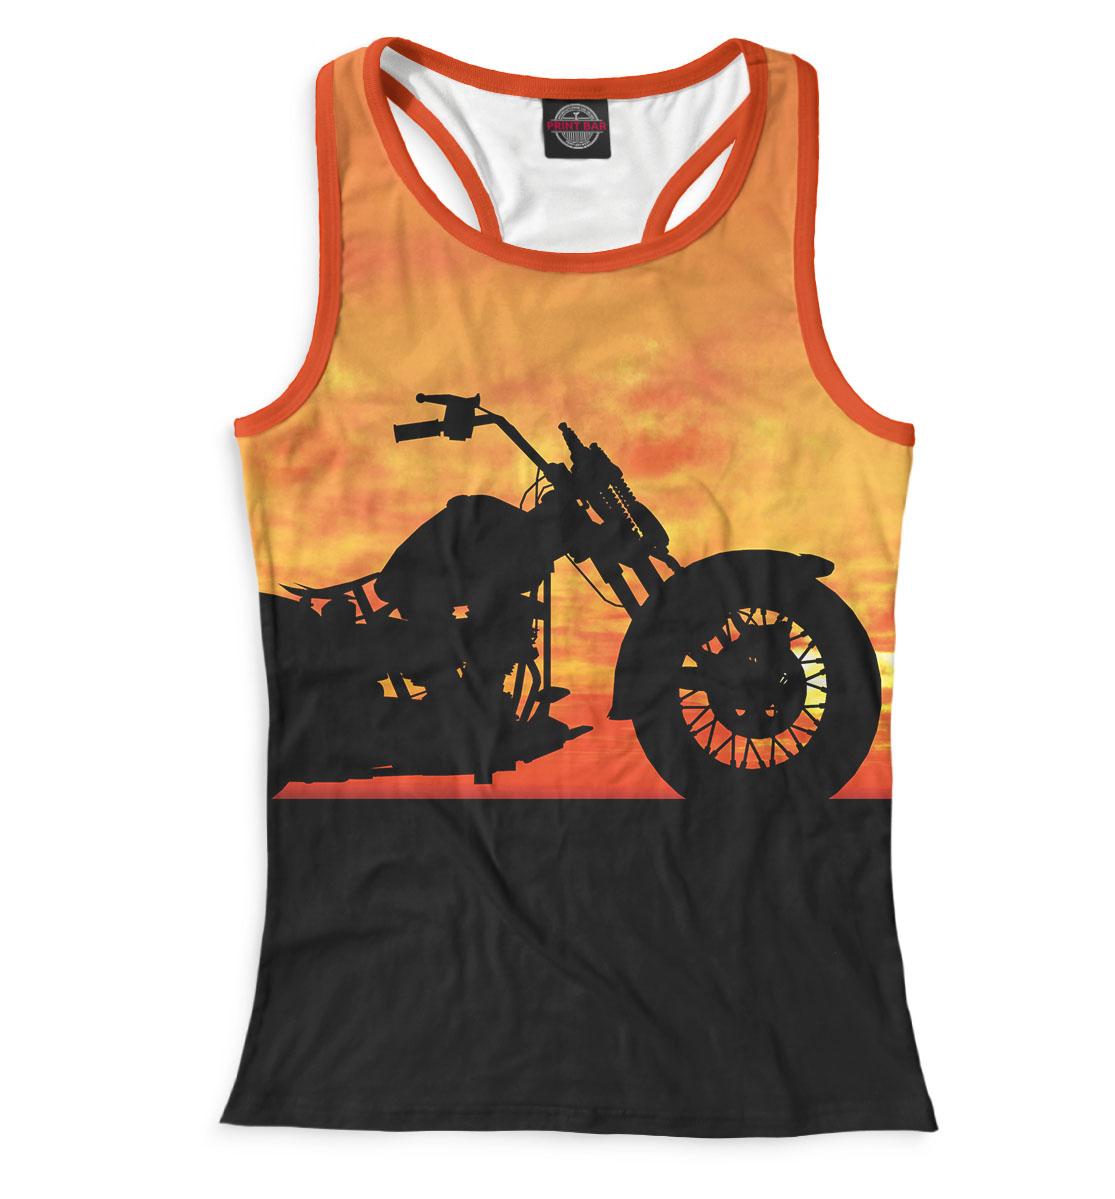 Купить Мотоцикл, Printbar, Майки борцовки, MTR-761237-mayb-1